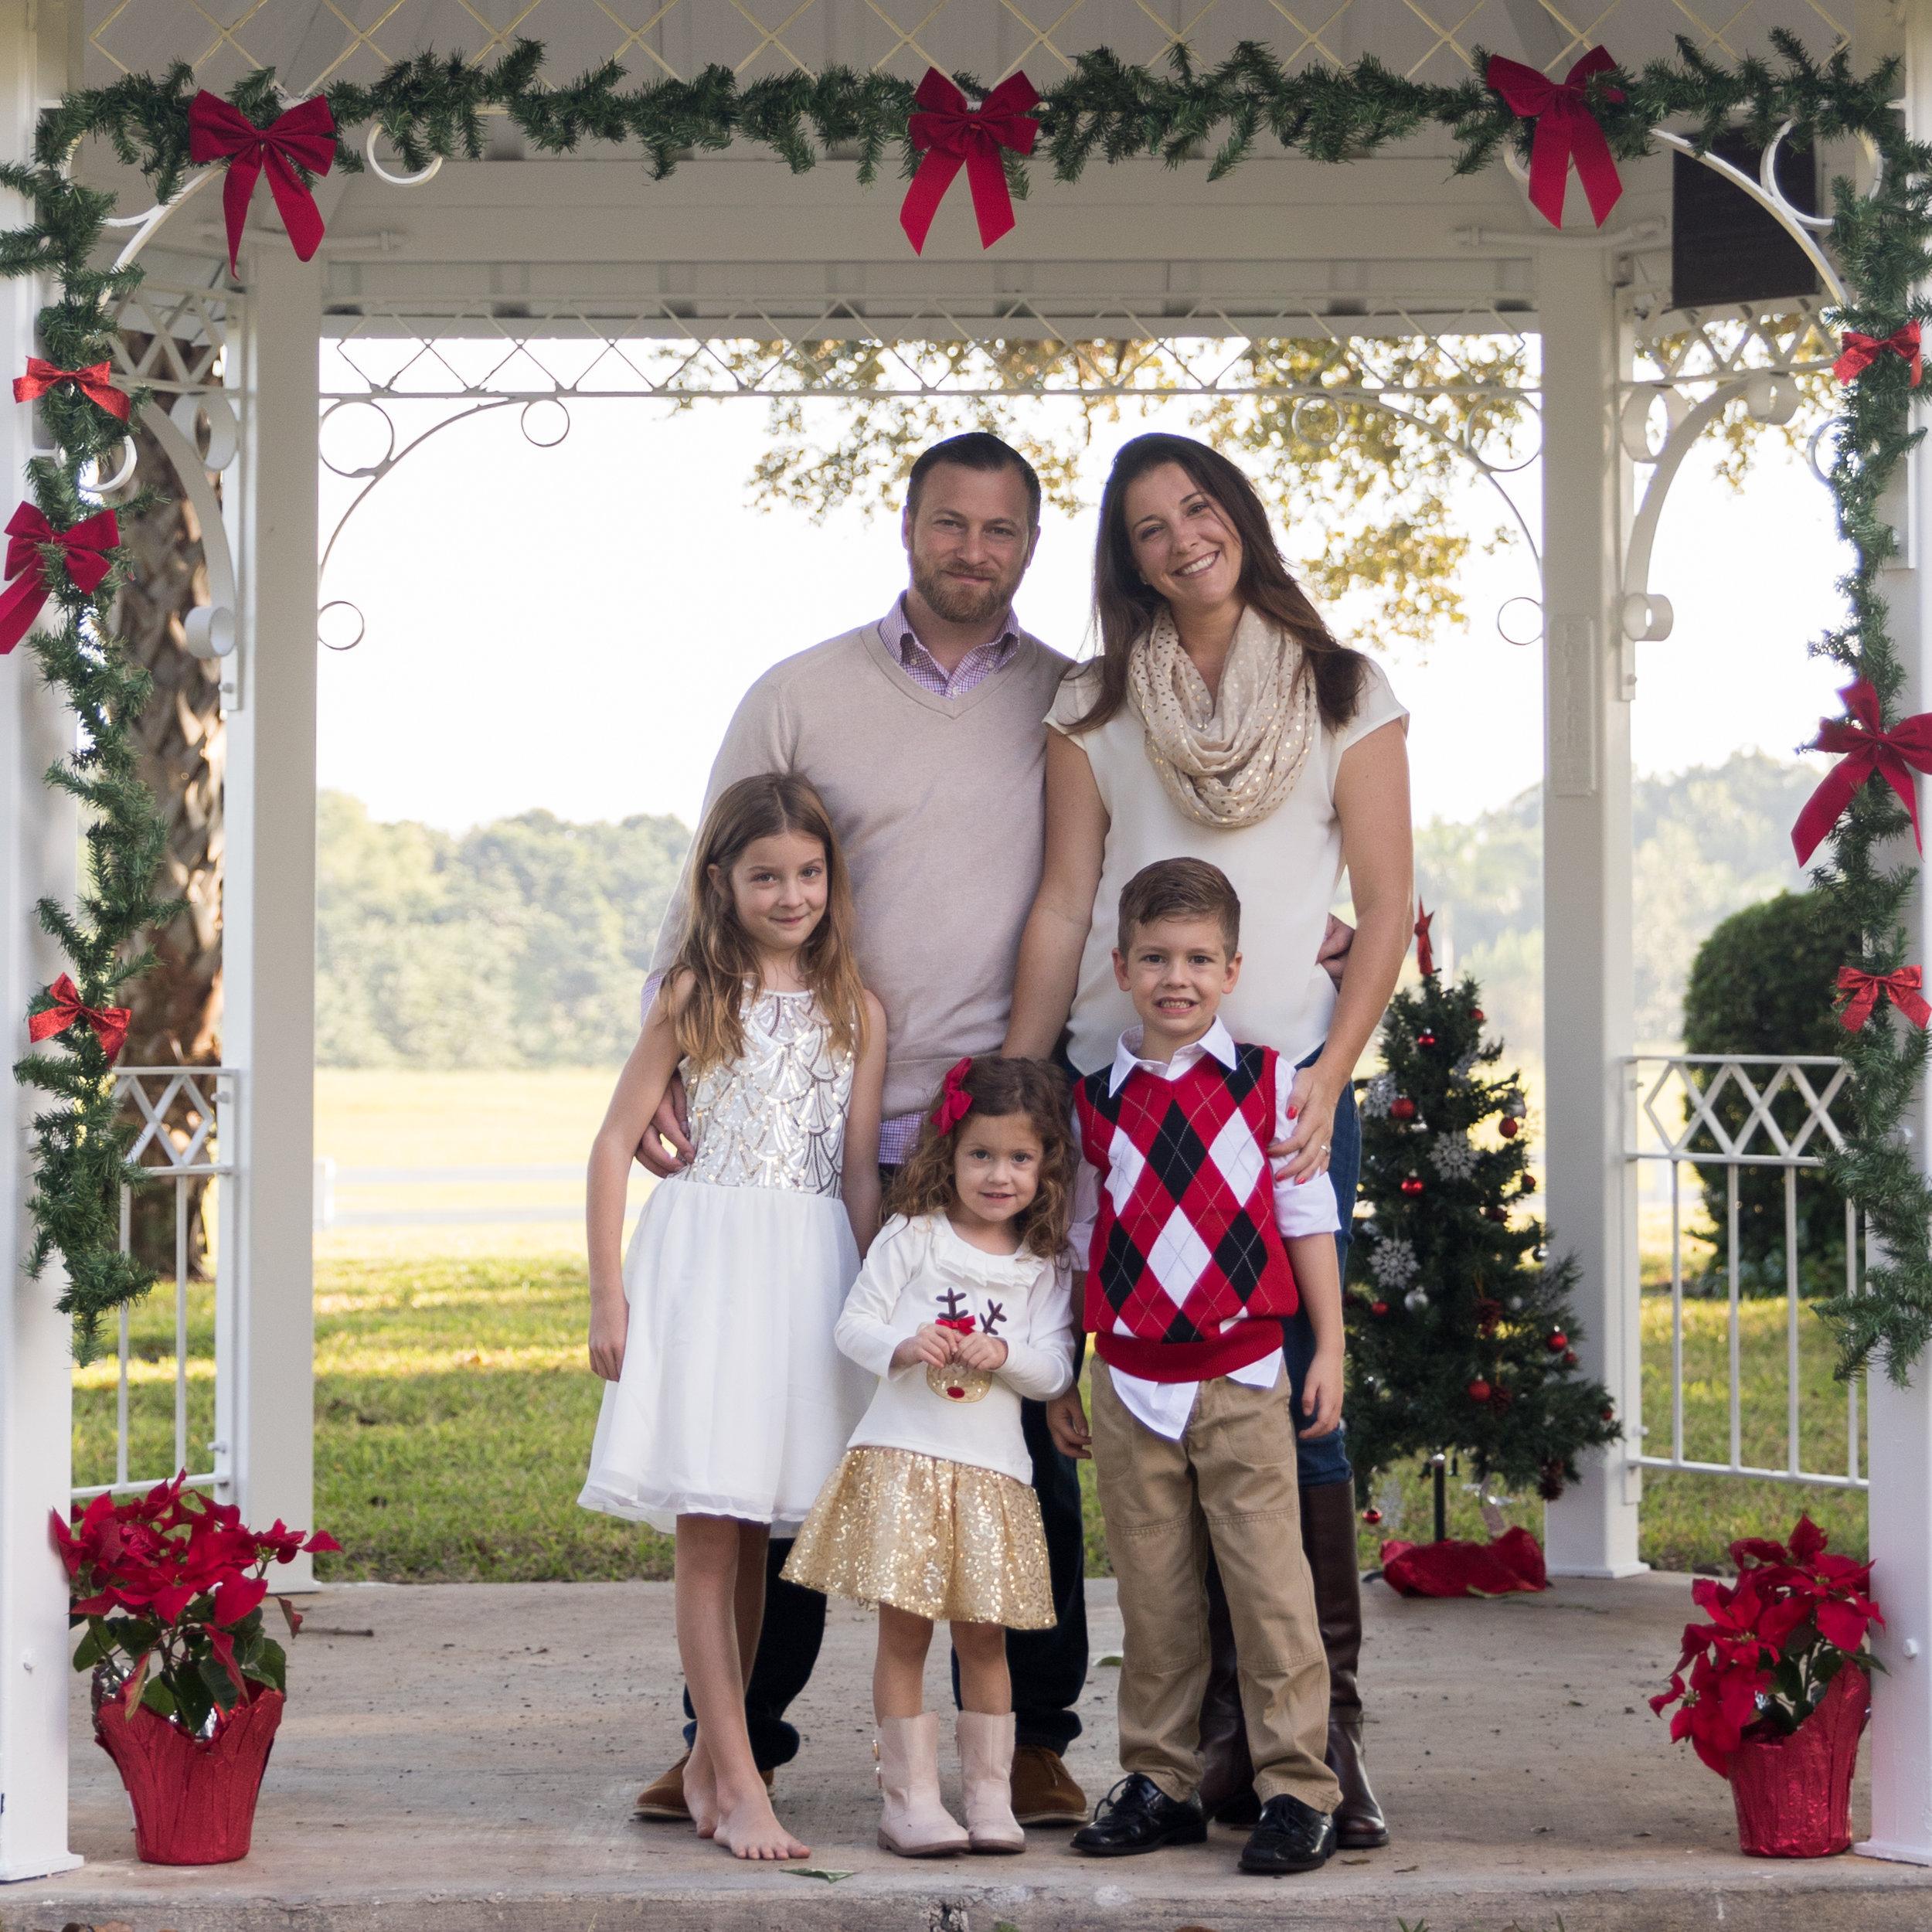 11-19-16_MorrisonFamily_Christmas-4.jpg